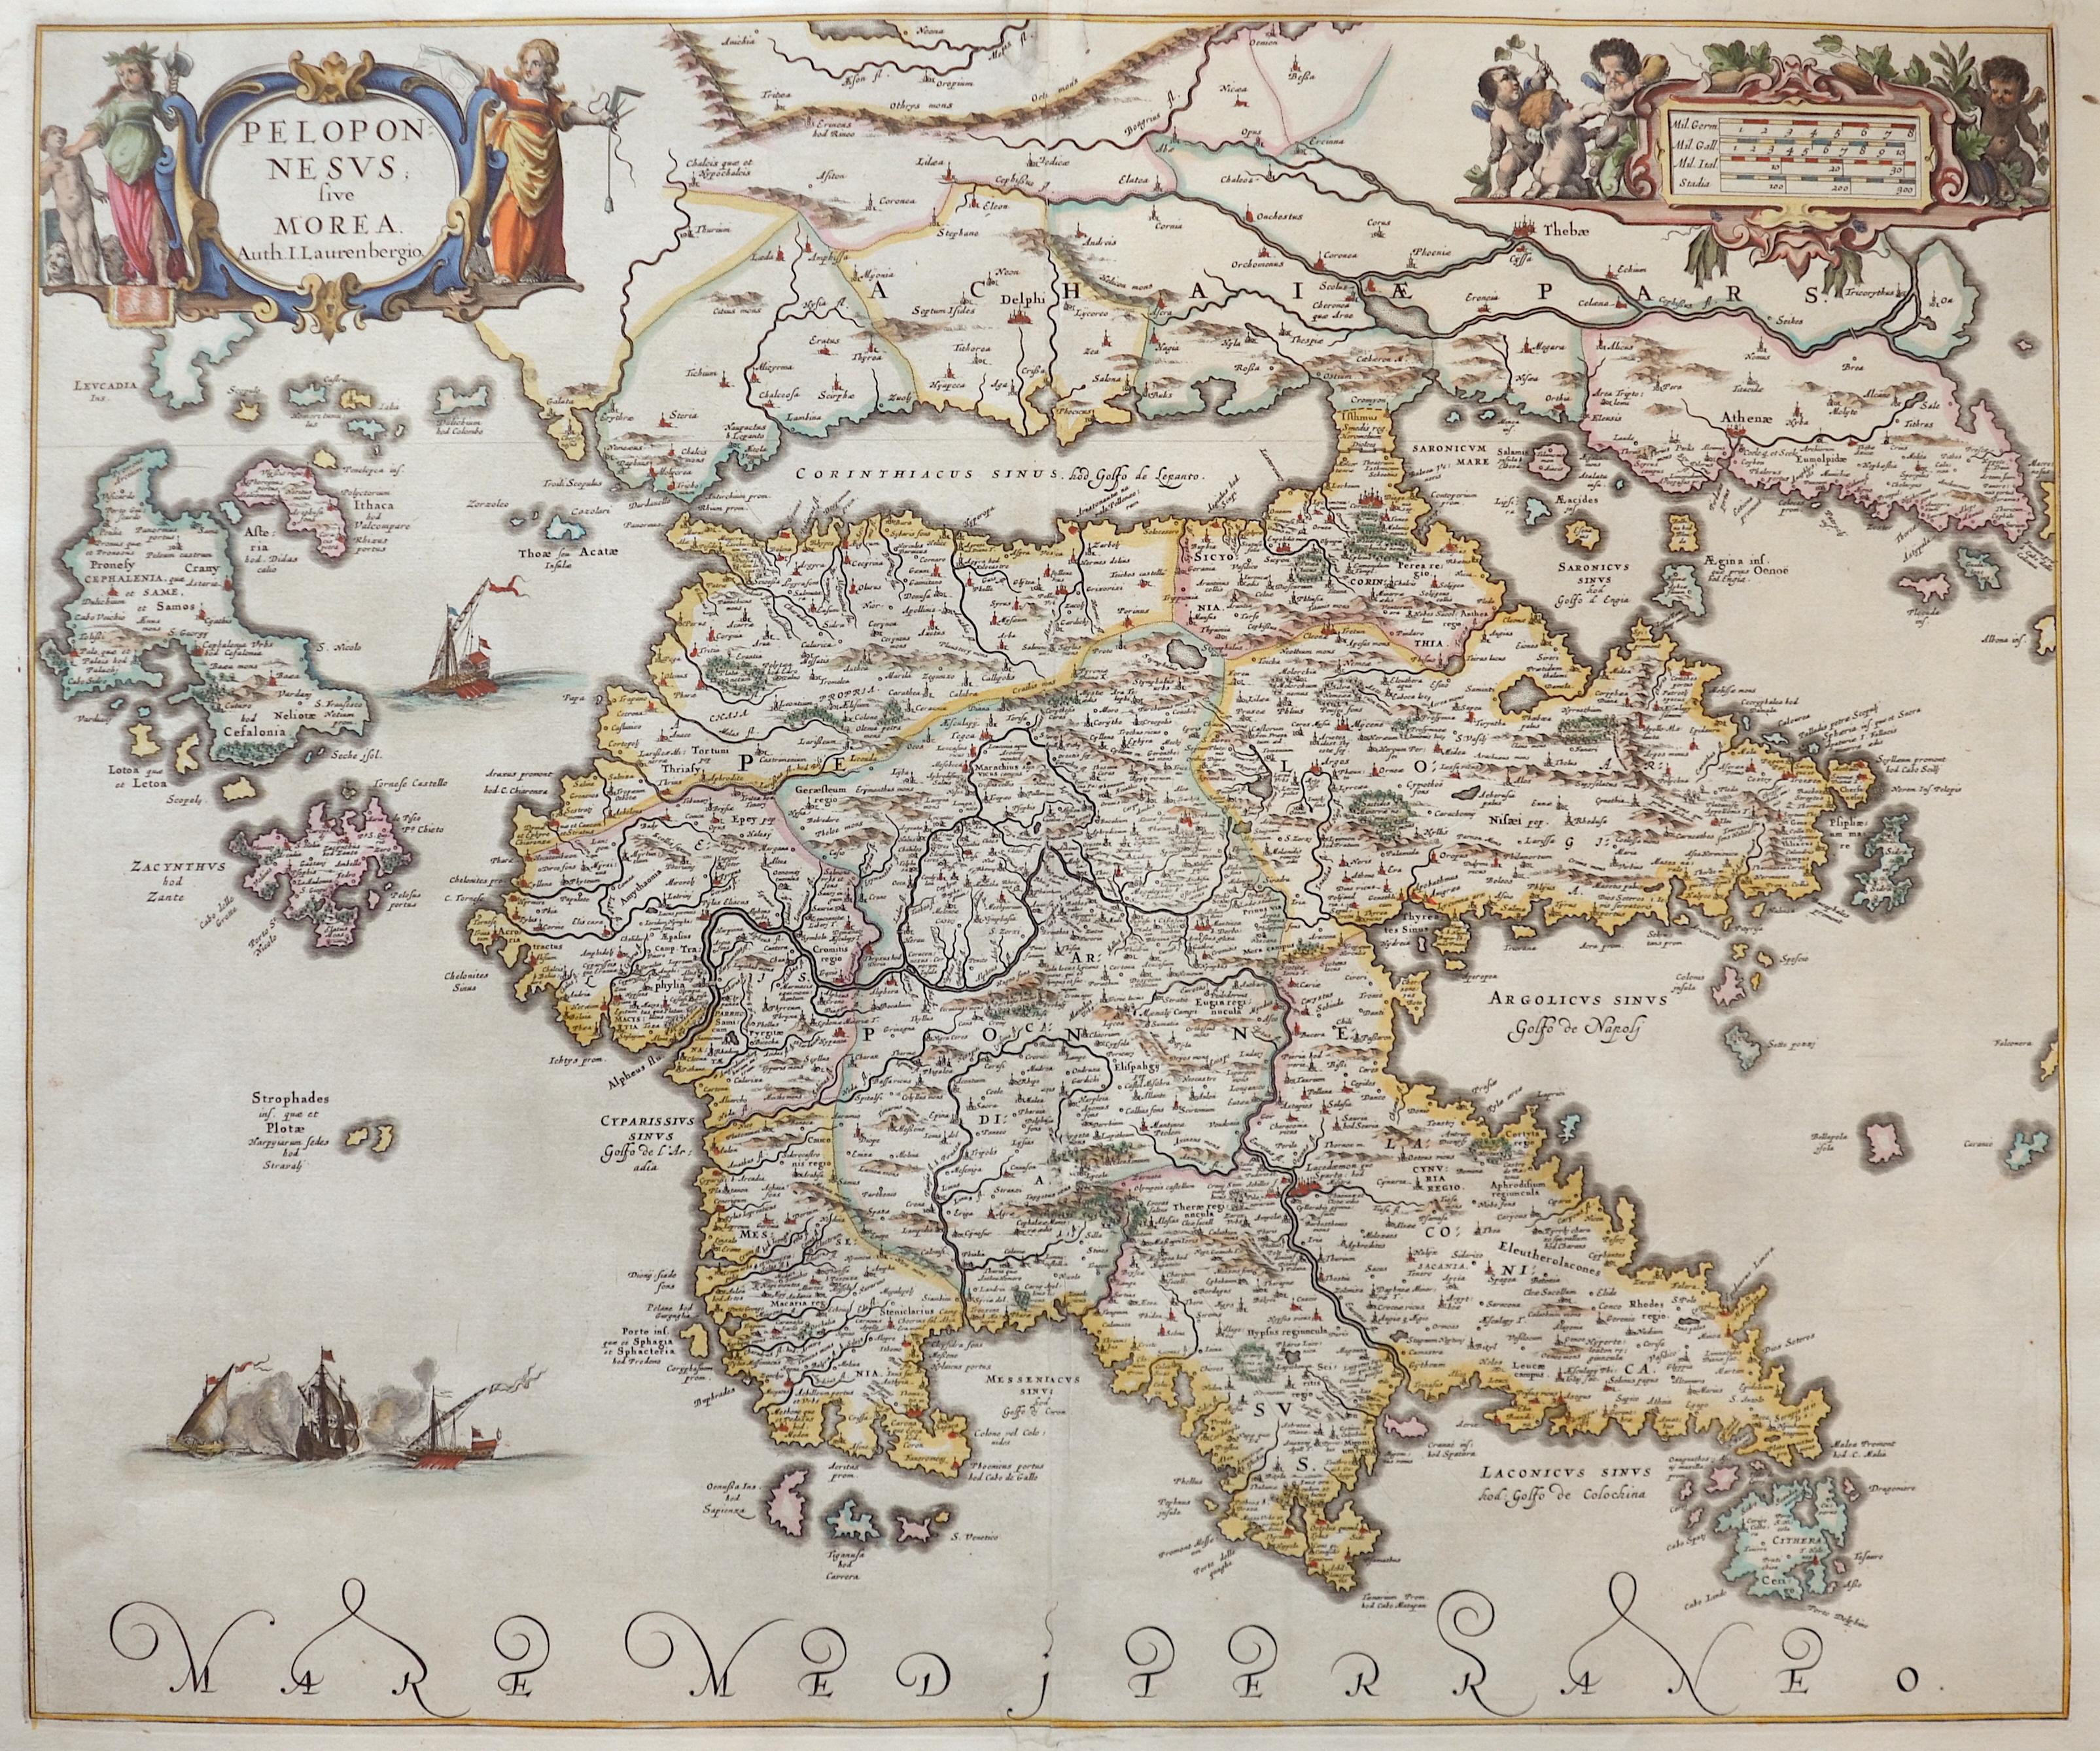 Janssonius Johann Peloponesus sive Morea. Auth. I. Laurenbergio.